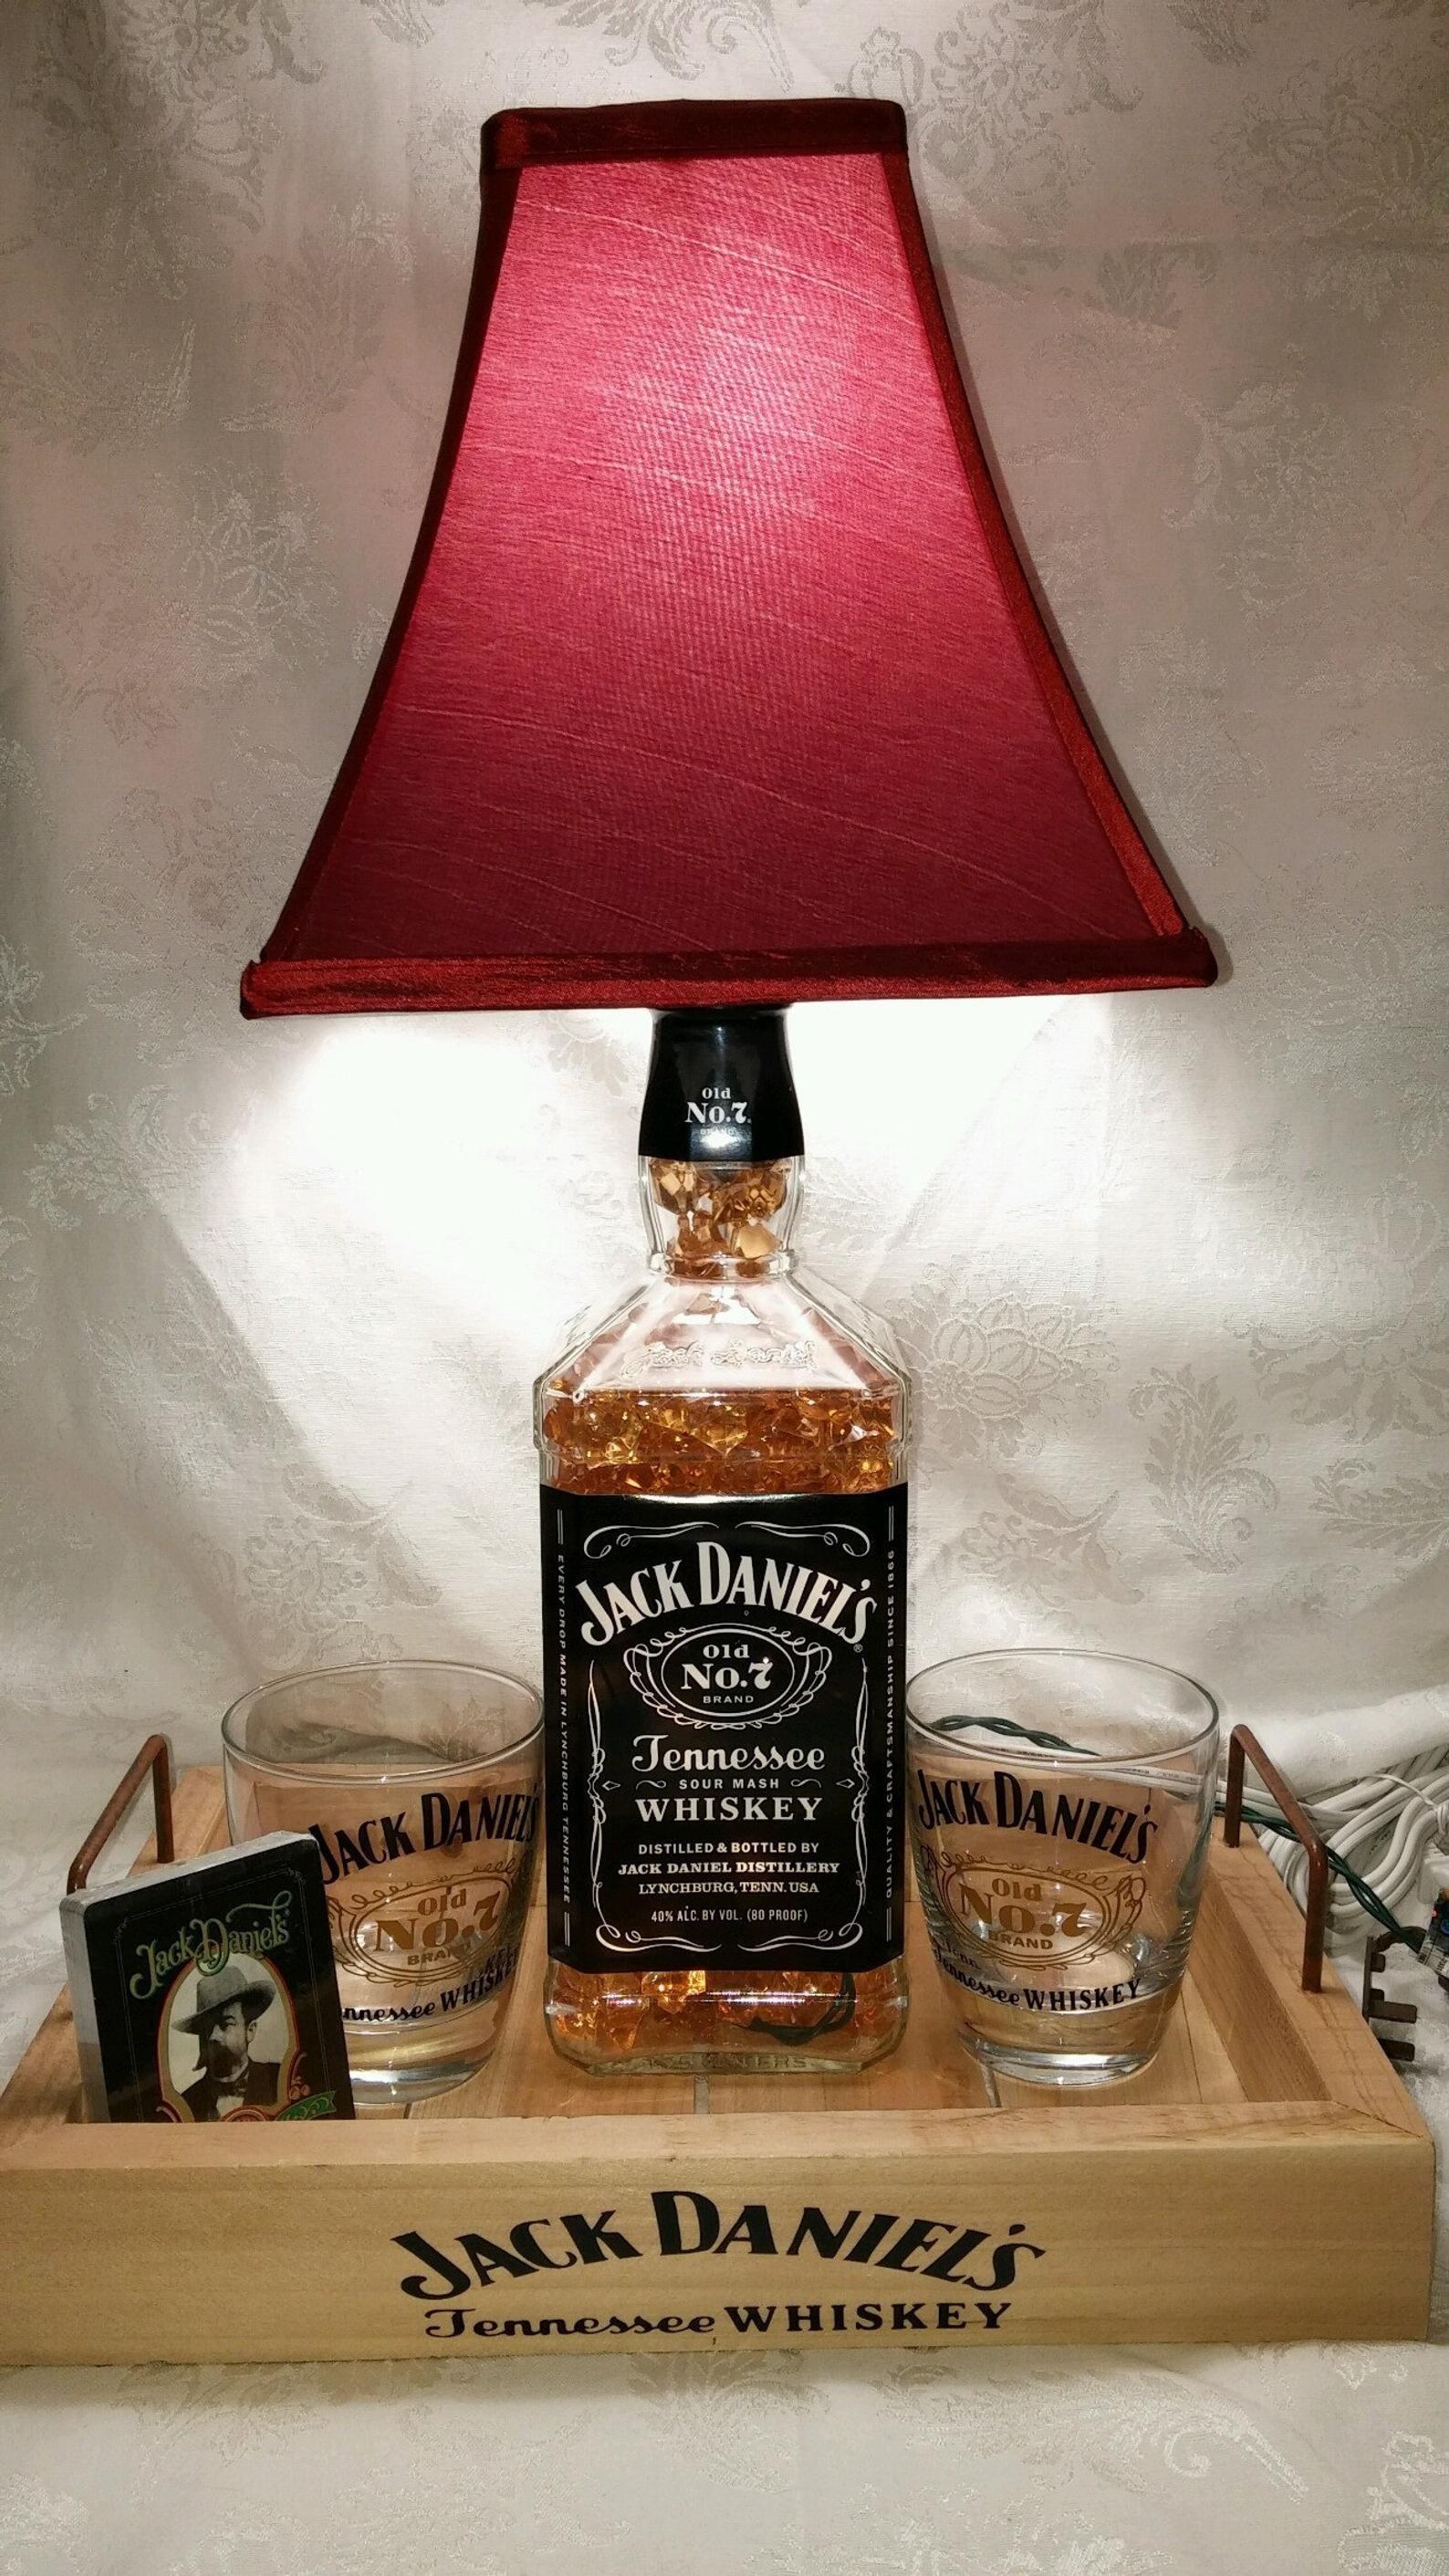 Jack Daniels 1 75 Liter Whiskey Bottle Light Lamp Bar Decorations Glasses Playing Cards Amber Lighting Wedding Anniversary Gift In 2020 Bottle Lights Jack Daniels Bottle Liquor Bottle Lamp